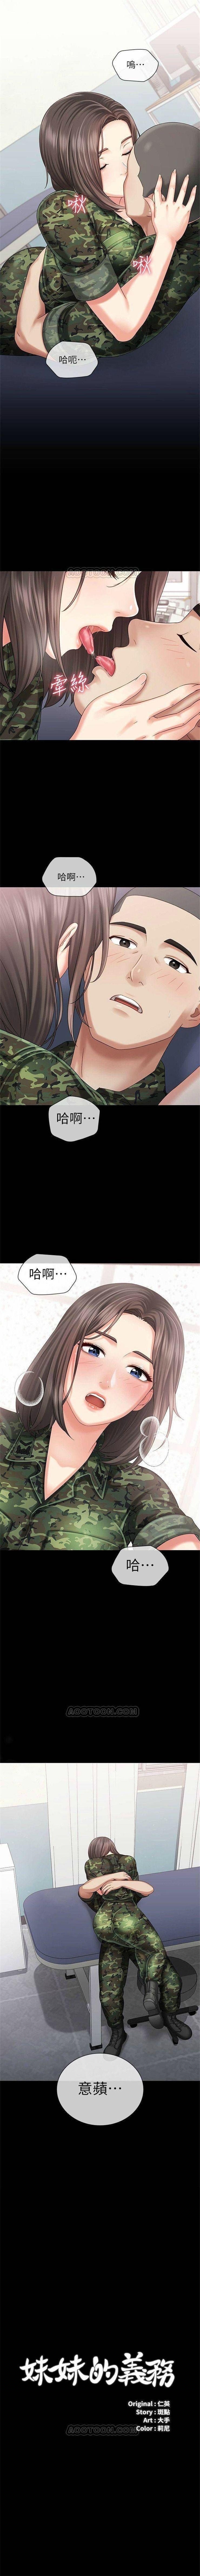 妹妹的義務 1-38 官方中文(連載中) 111